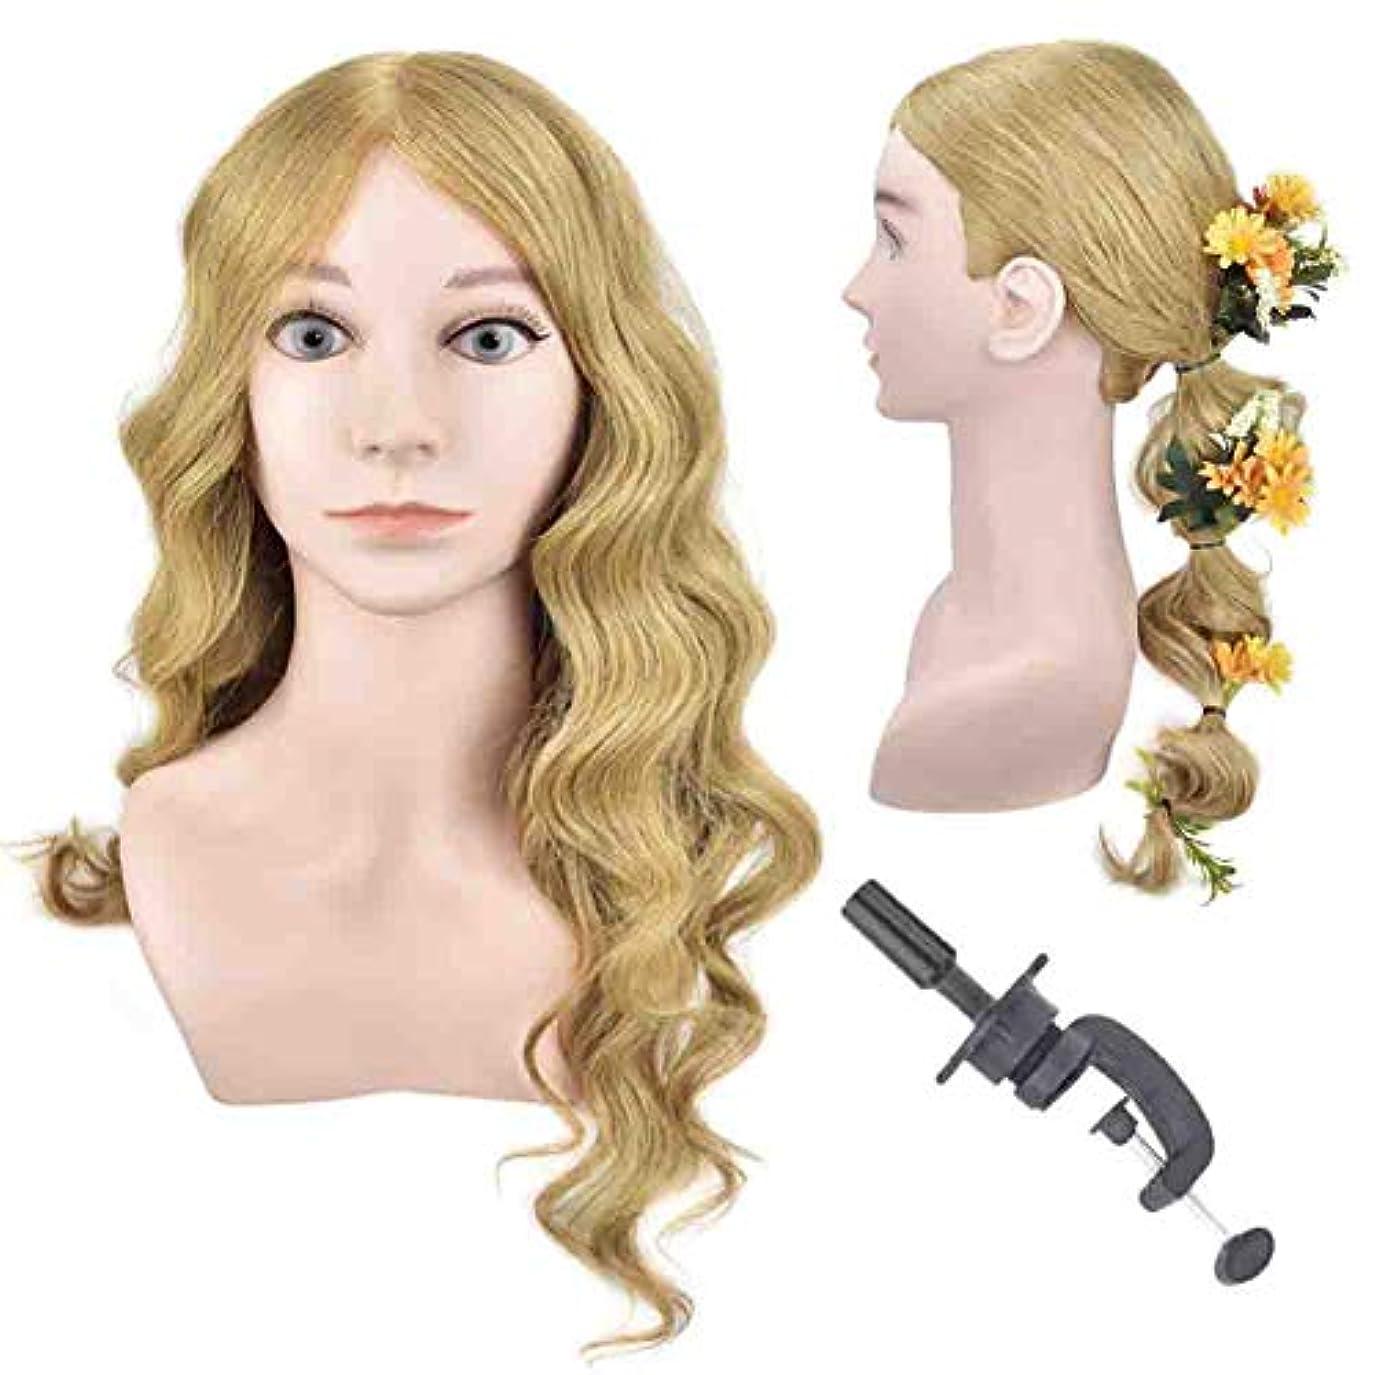 理由かんたん憎しみ編んだ髪のヘッドモデル本物の人間の髪のスタイルの学習モデルヘッドサロンの学習は熱いと染めた髪のダミーの頭にすることができます